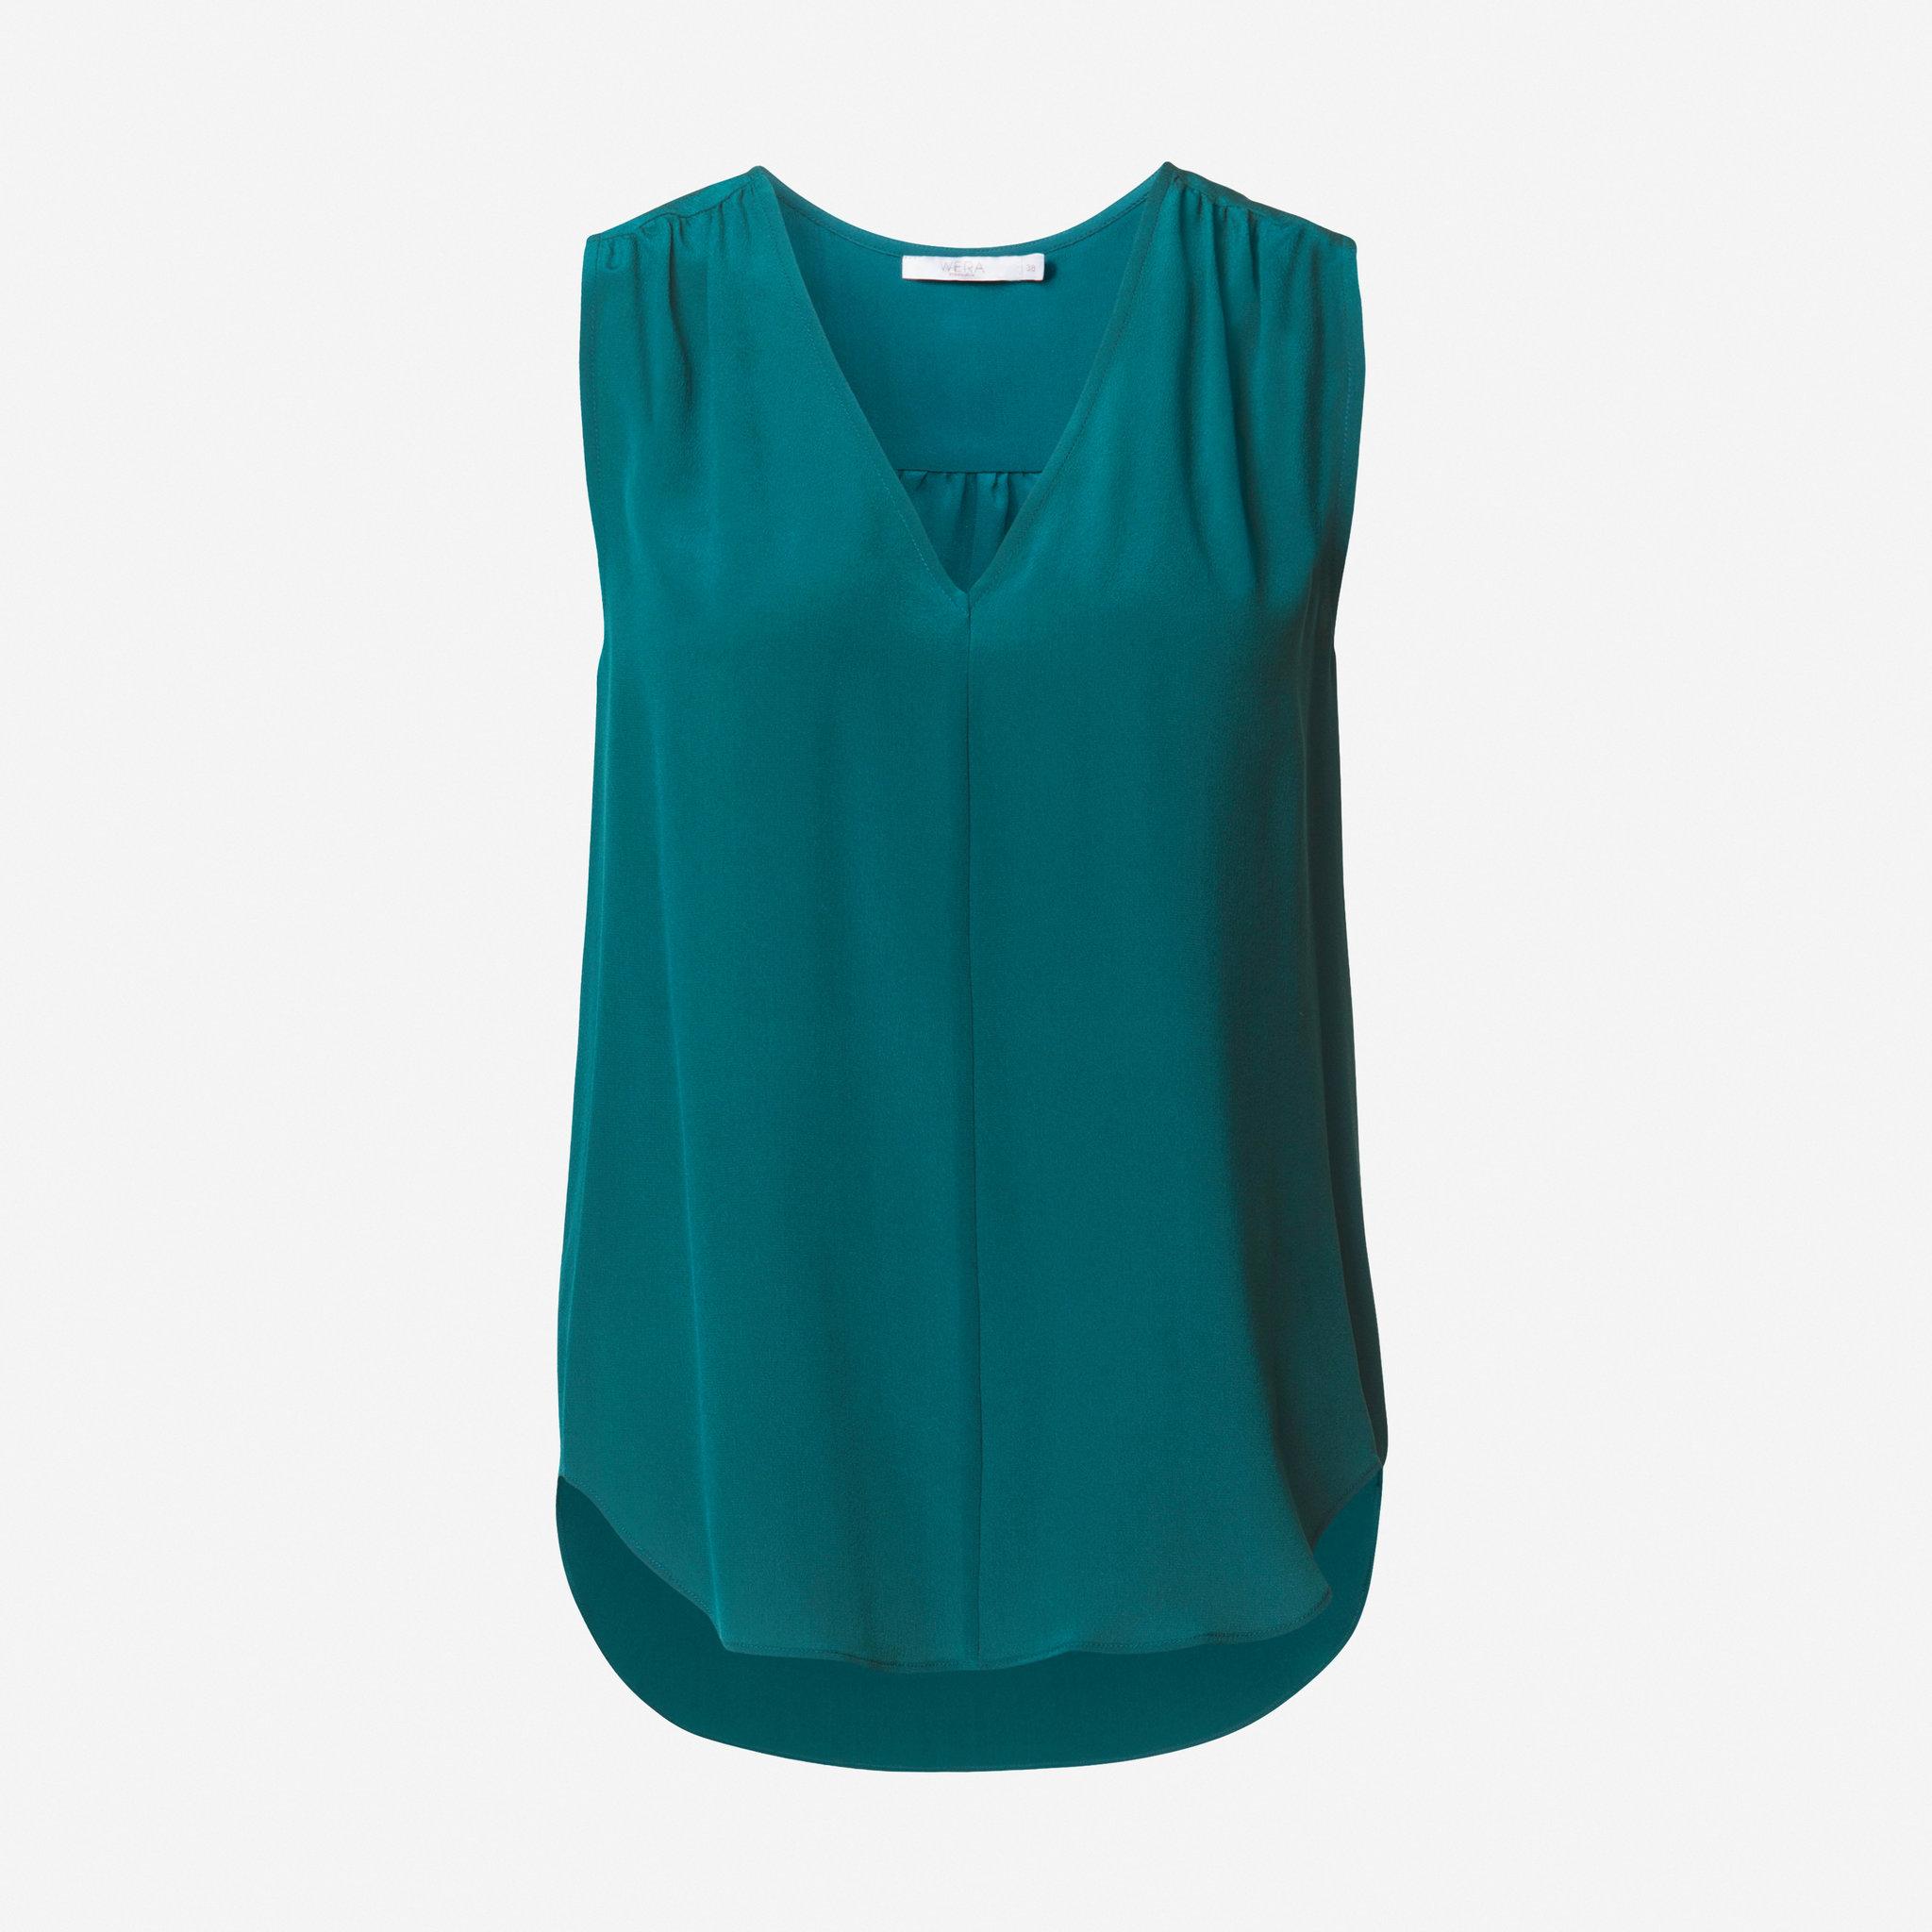 Blus i siden - Blusar   skjortor - Köp online på åhlens.se! 1b58ff77f9606